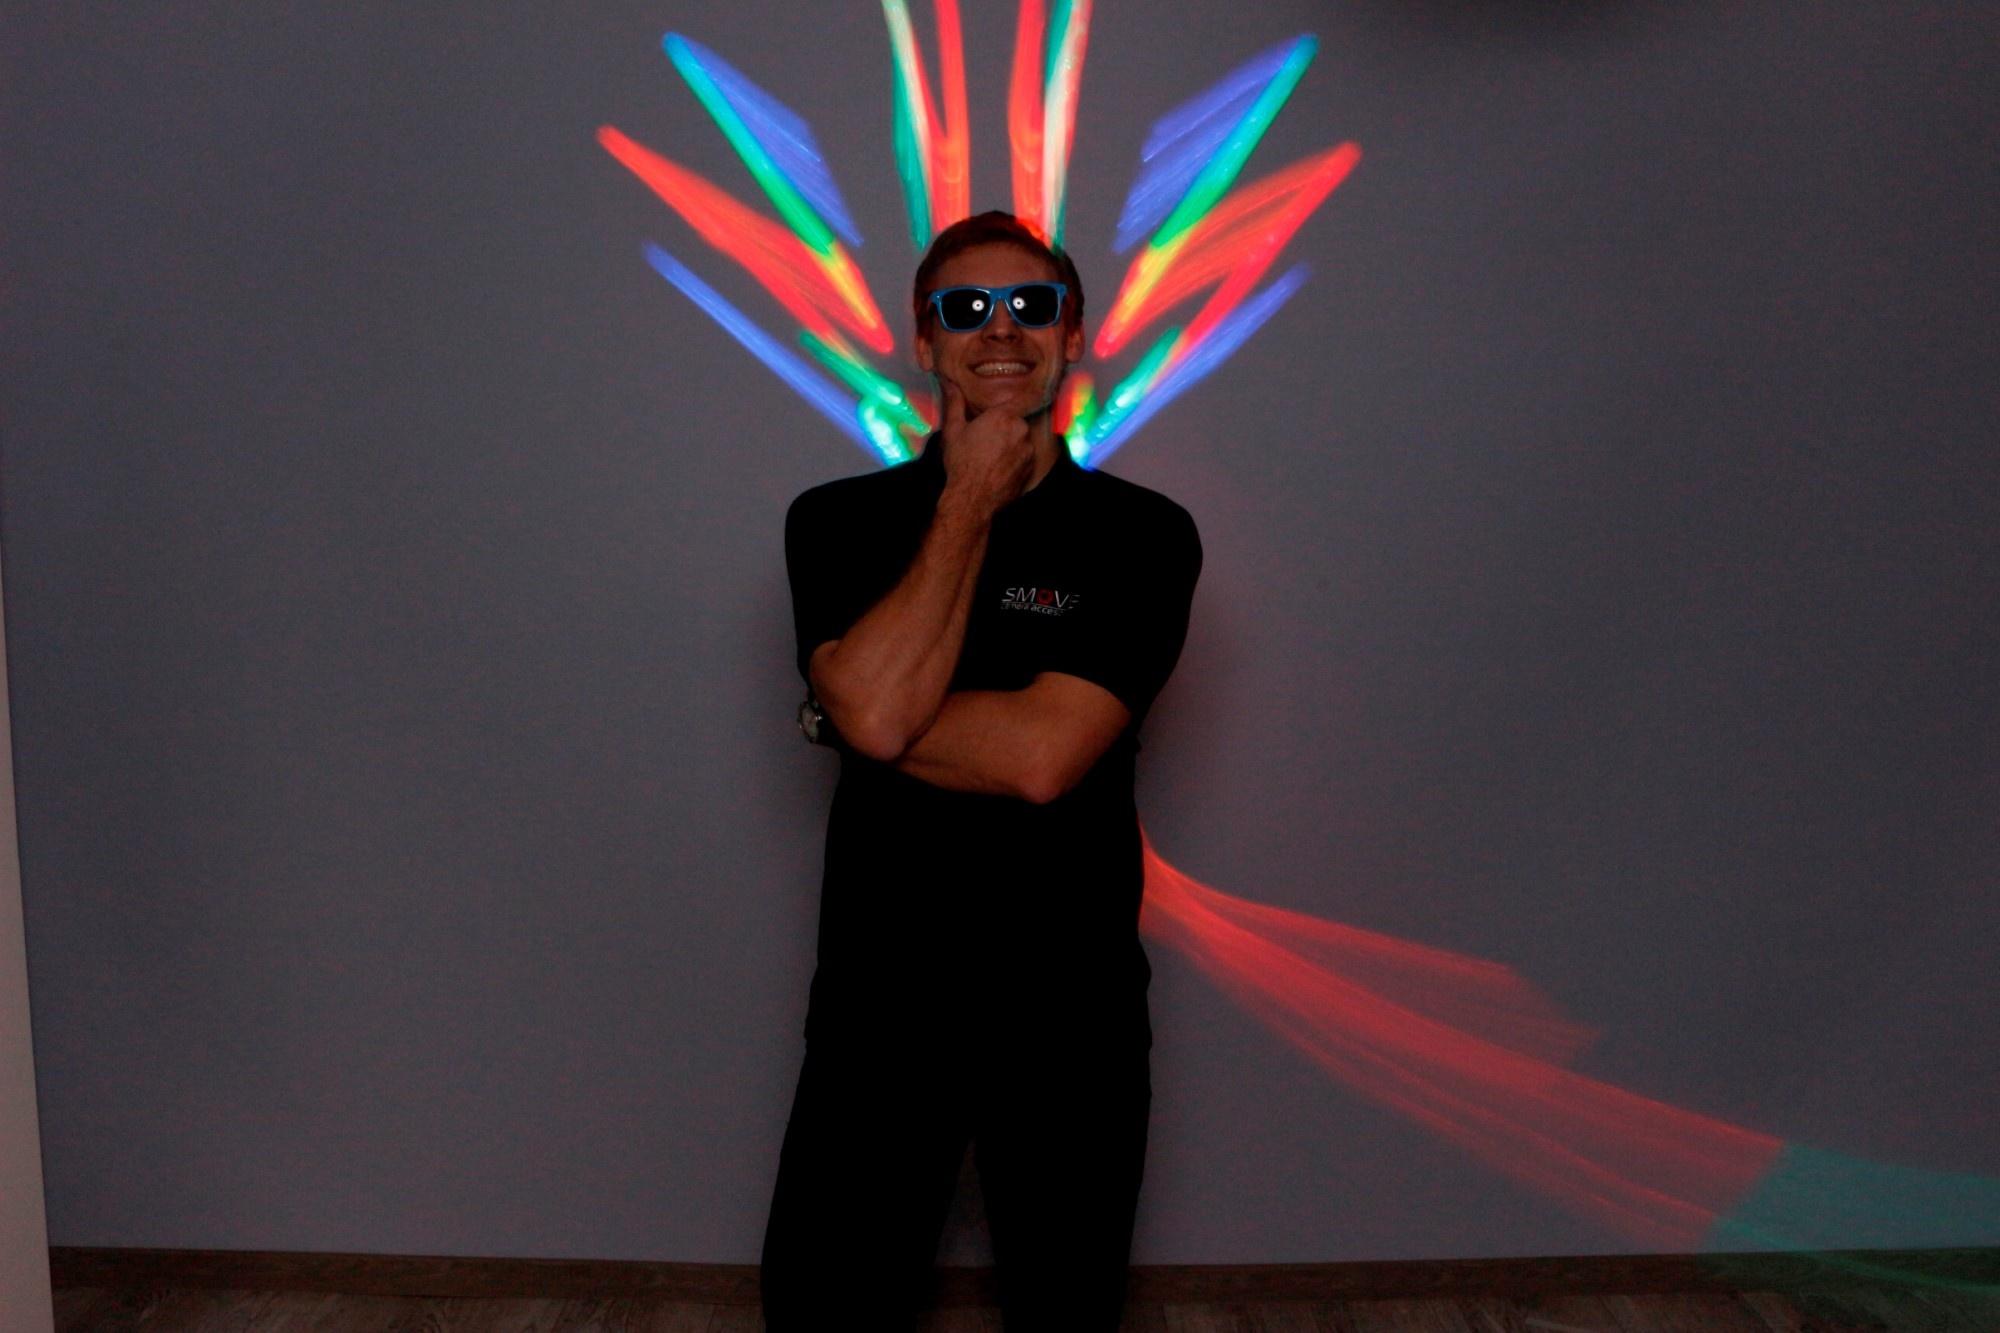 malowanie światłem w fotobudce